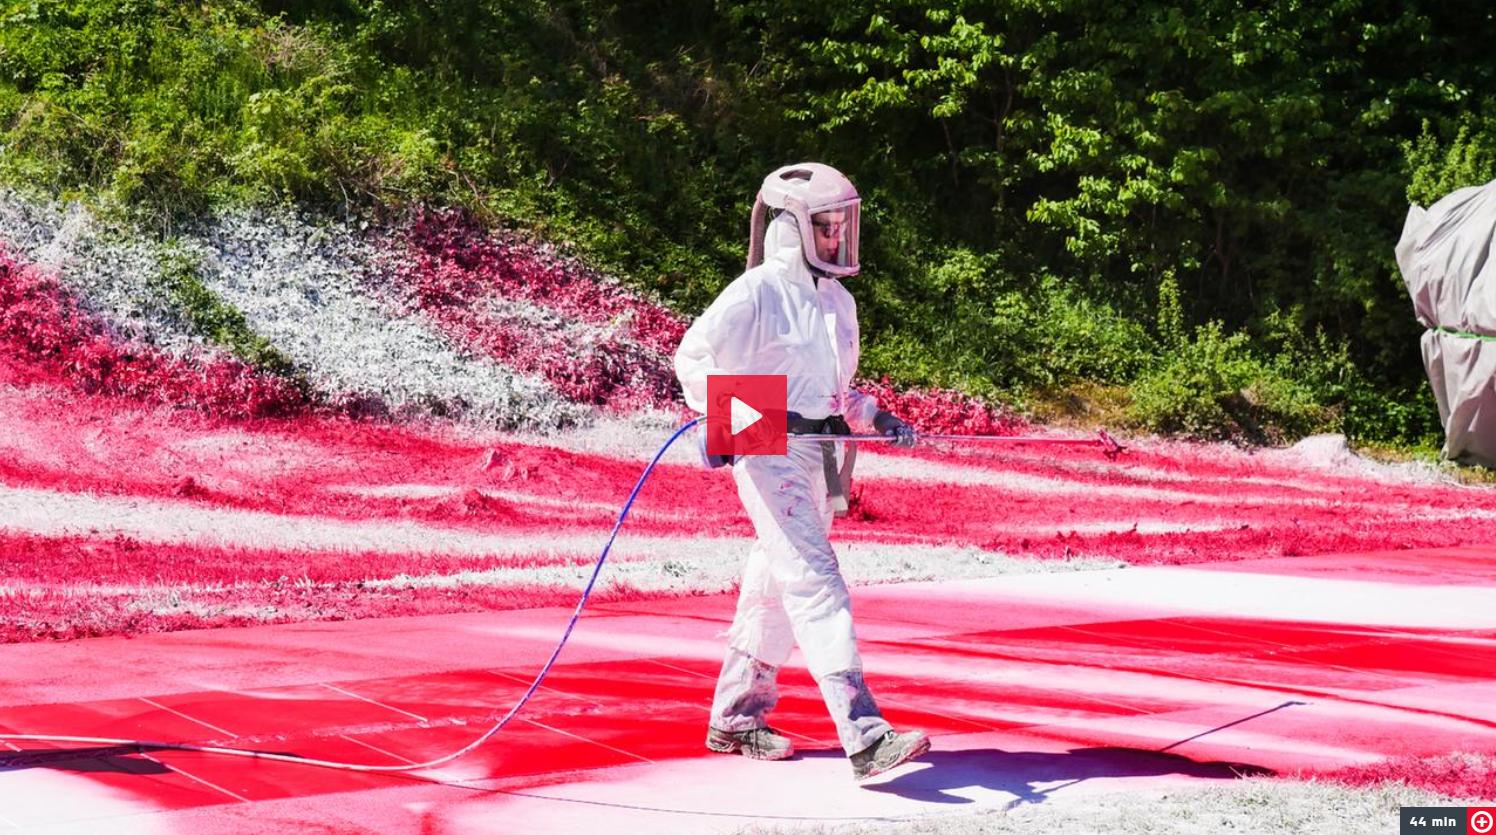 Künstlerin Katharina Grosse in einem Schutzanzug und gerade dabei, Weg und Wiese mit bunter Farbe zu besprühen.